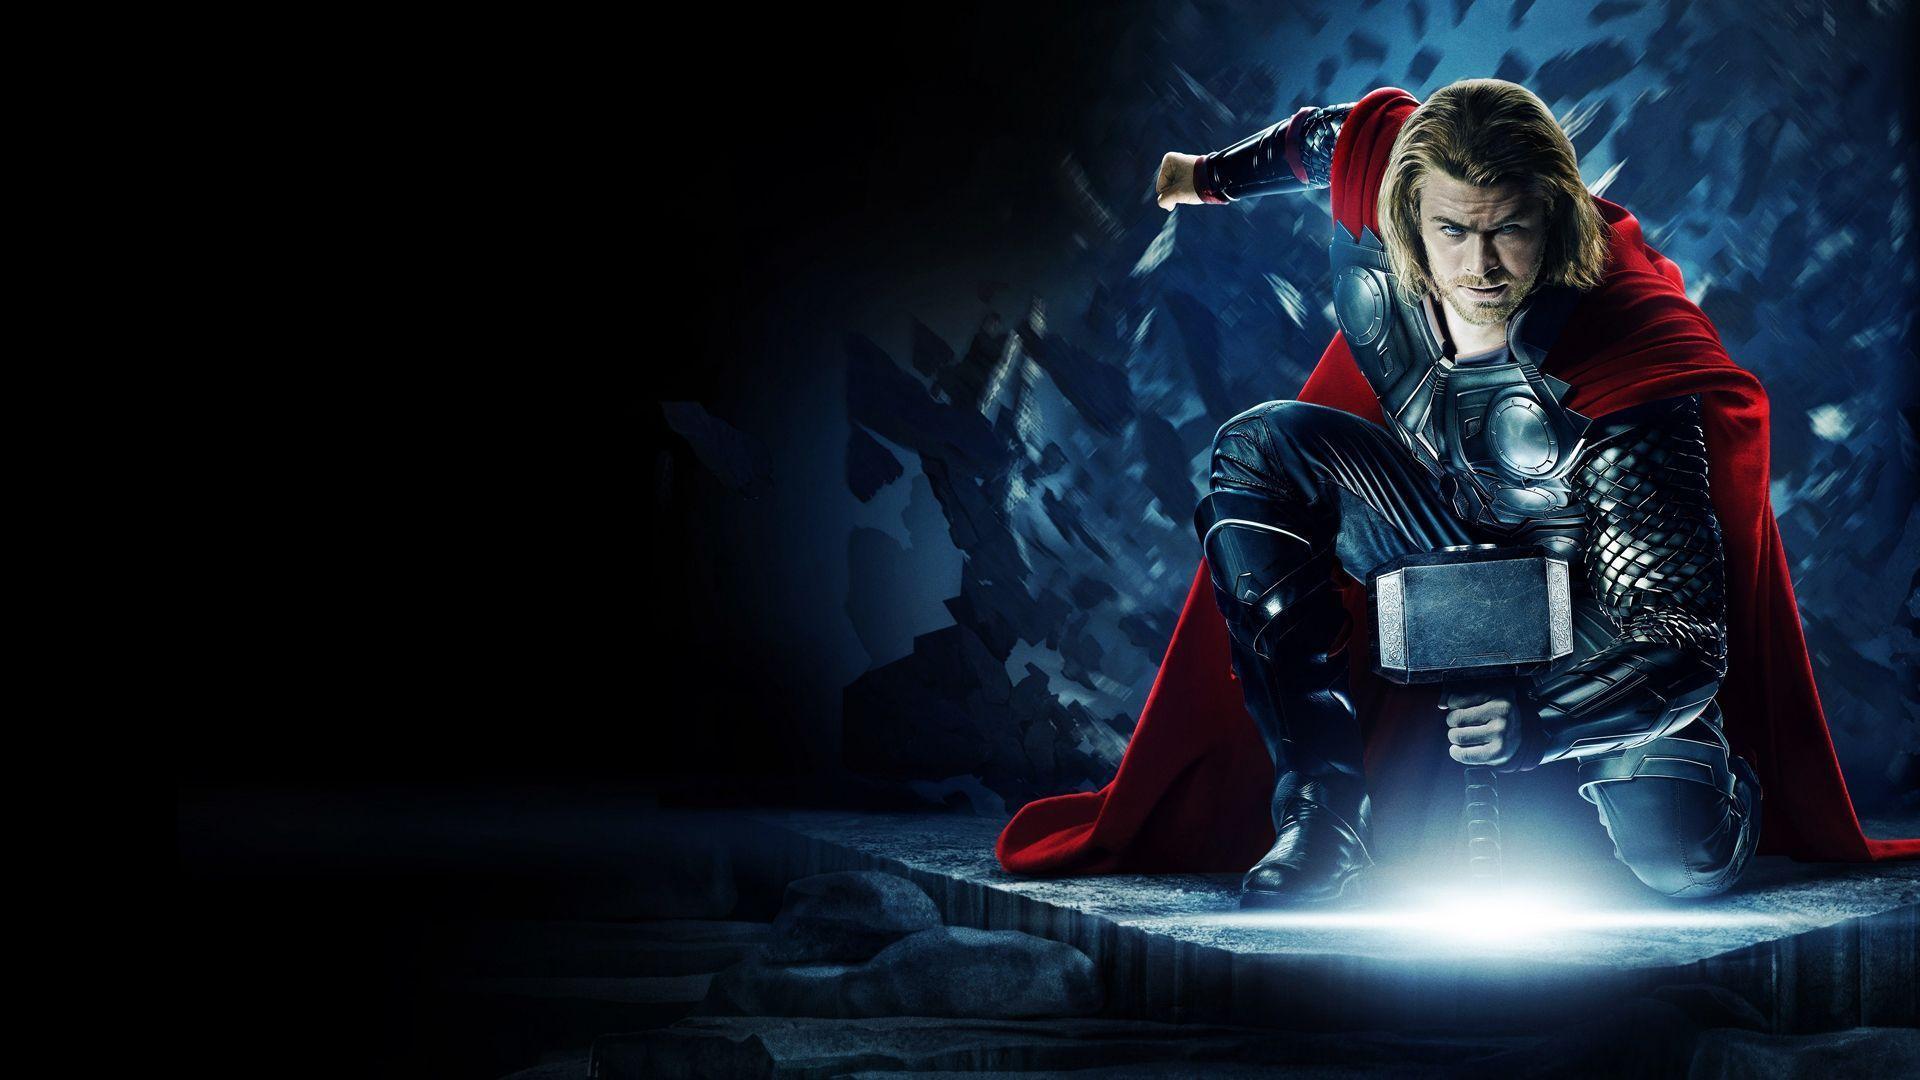 Hình nền HD siêu anh hùng 1920x1080